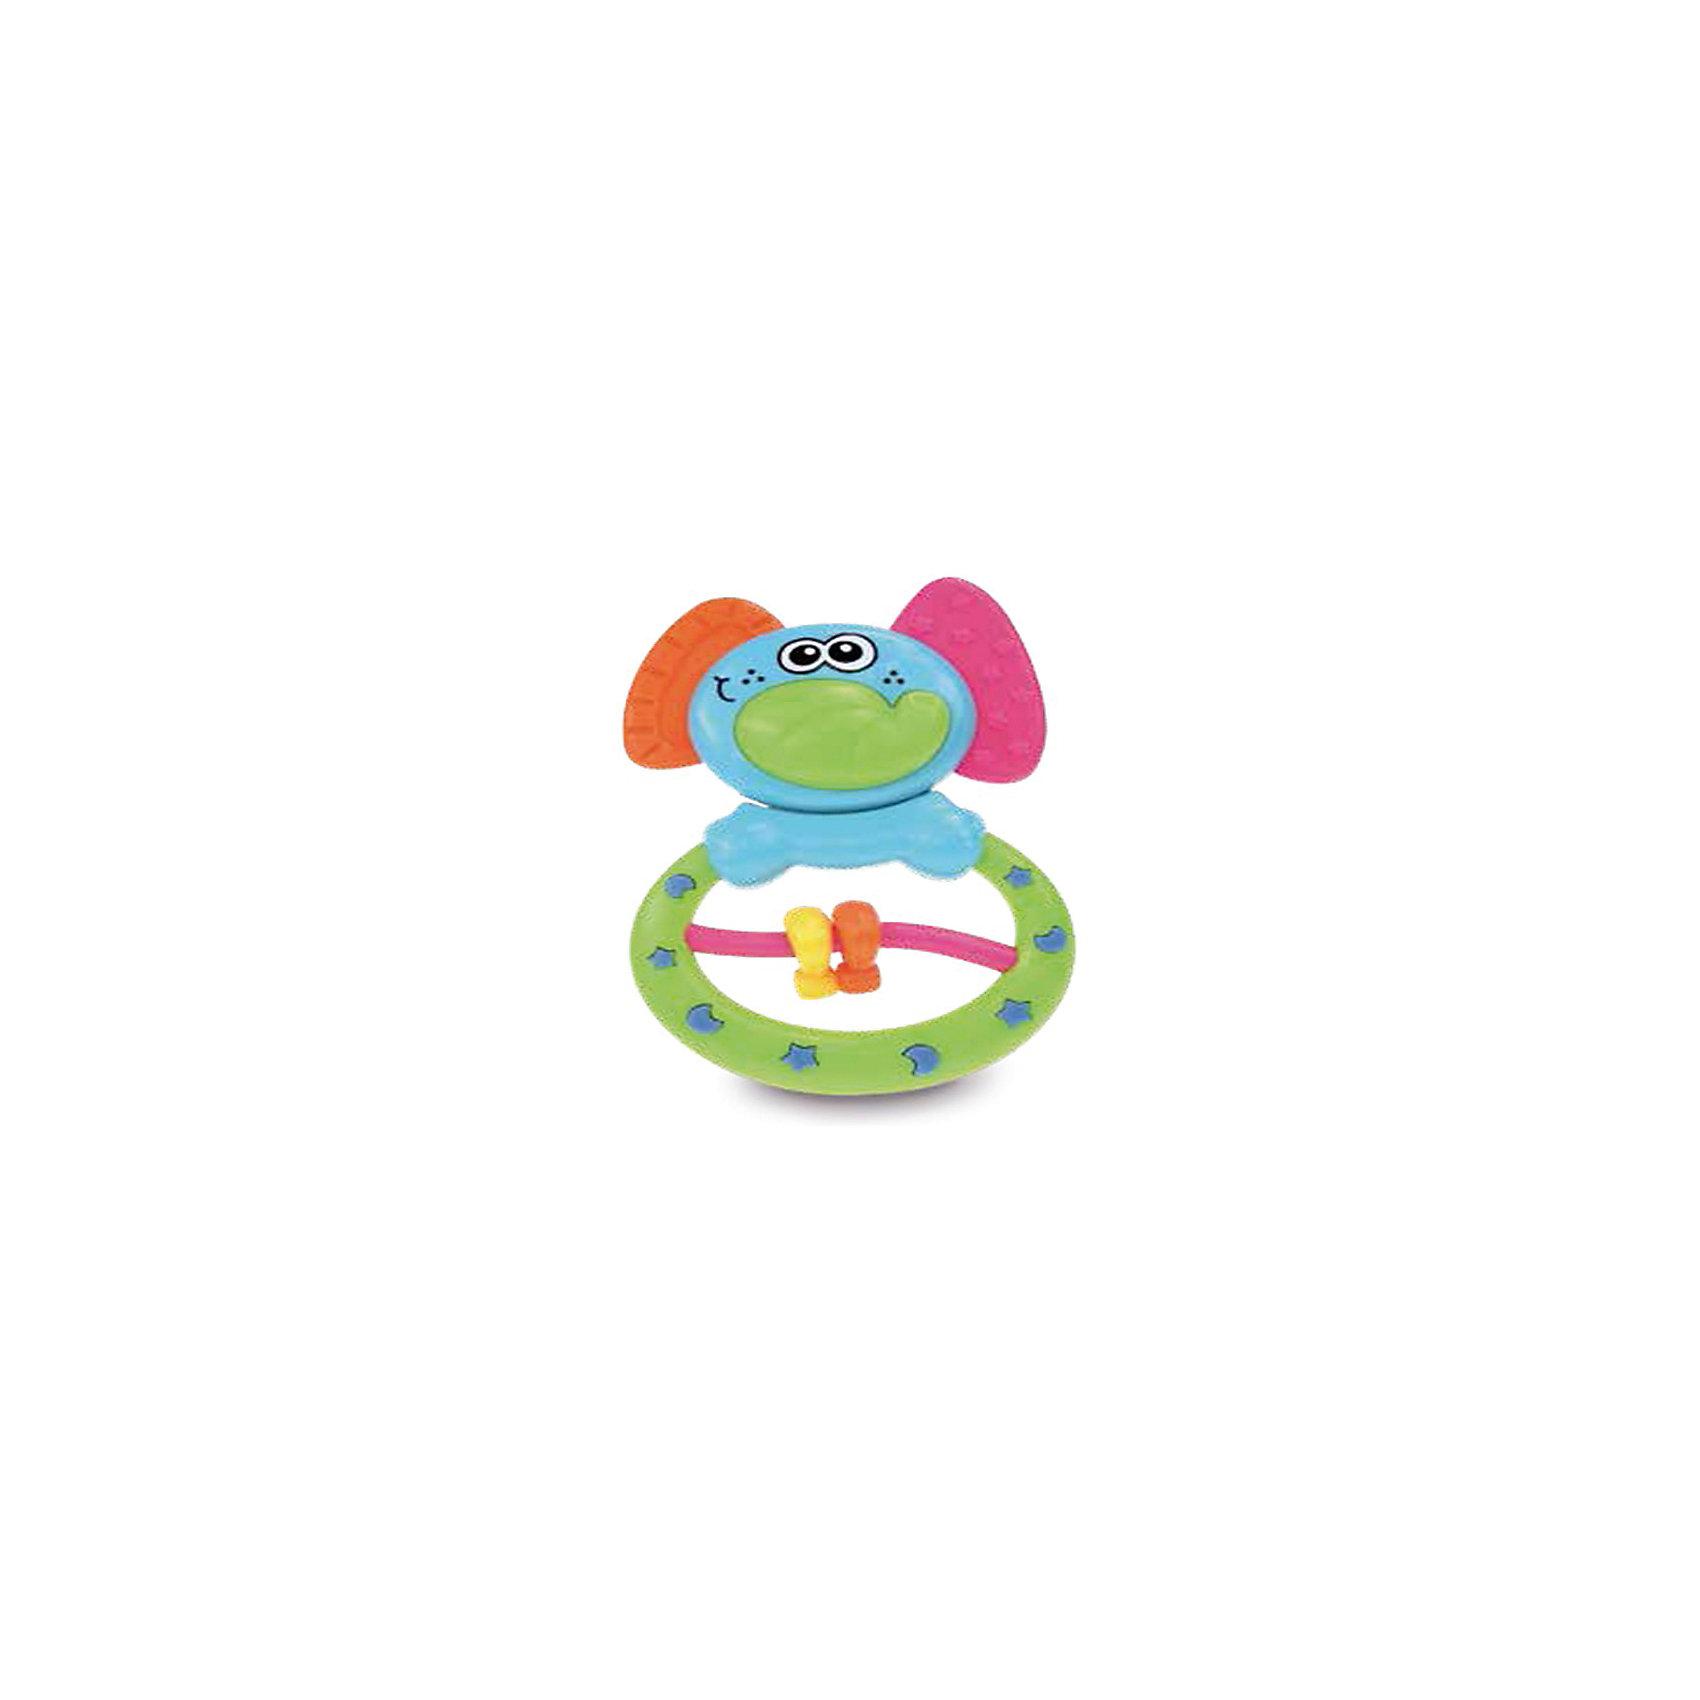 Игрушка Слоник, BKidsПрорезыватели<br>Прорезыватели необходимы детям, у которых режутся зубки. Они могут выглядеть очень симпатично! Эта игрушка представляет собой прорезыватель в виде слоненка, голова игрушки качается, а в животе слоненка есть подвижные колечки..<br>Такие игрушки способствуют развитию мелкой моторики, воображения, цветовосприятия, тактильных ощущений. Изделие разработано специально для самых маленьких. Сделано из материалов, безопасных для детей.<br><br>Дополнительная информация:<br><br>цвет: разноцветный;<br>размеры упаковки: 10 х 15 см;<br>возраст: с рождения.<br><br>Игрушку Слоник от бренда BKids можно купить в нашем интернет-магазине.<br><br>Ширина мм: 152<br>Глубина мм: 152<br>Высота мм: 20<br>Вес г: 73<br>Возраст от месяцев: 0<br>Возраст до месяцев: 36<br>Пол: Унисекс<br>Возраст: Детский<br>SKU: 5055398